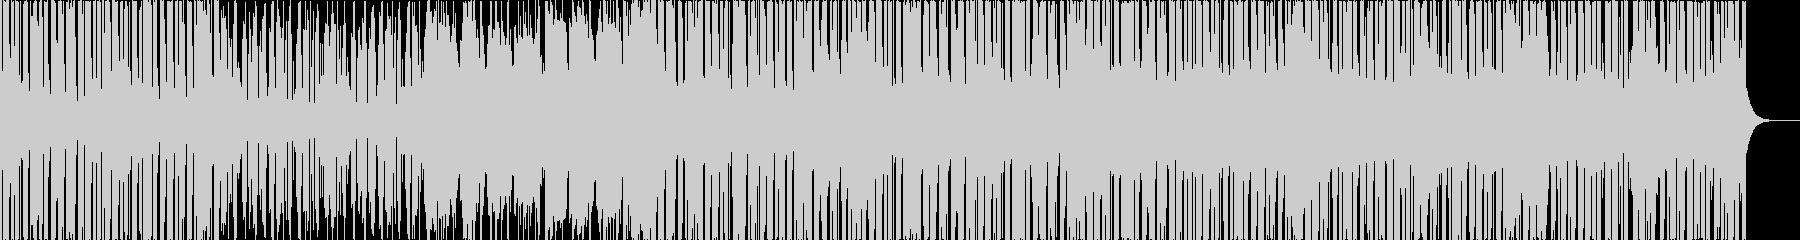 切ない雰囲気のエレクトロ楽曲の未再生の波形